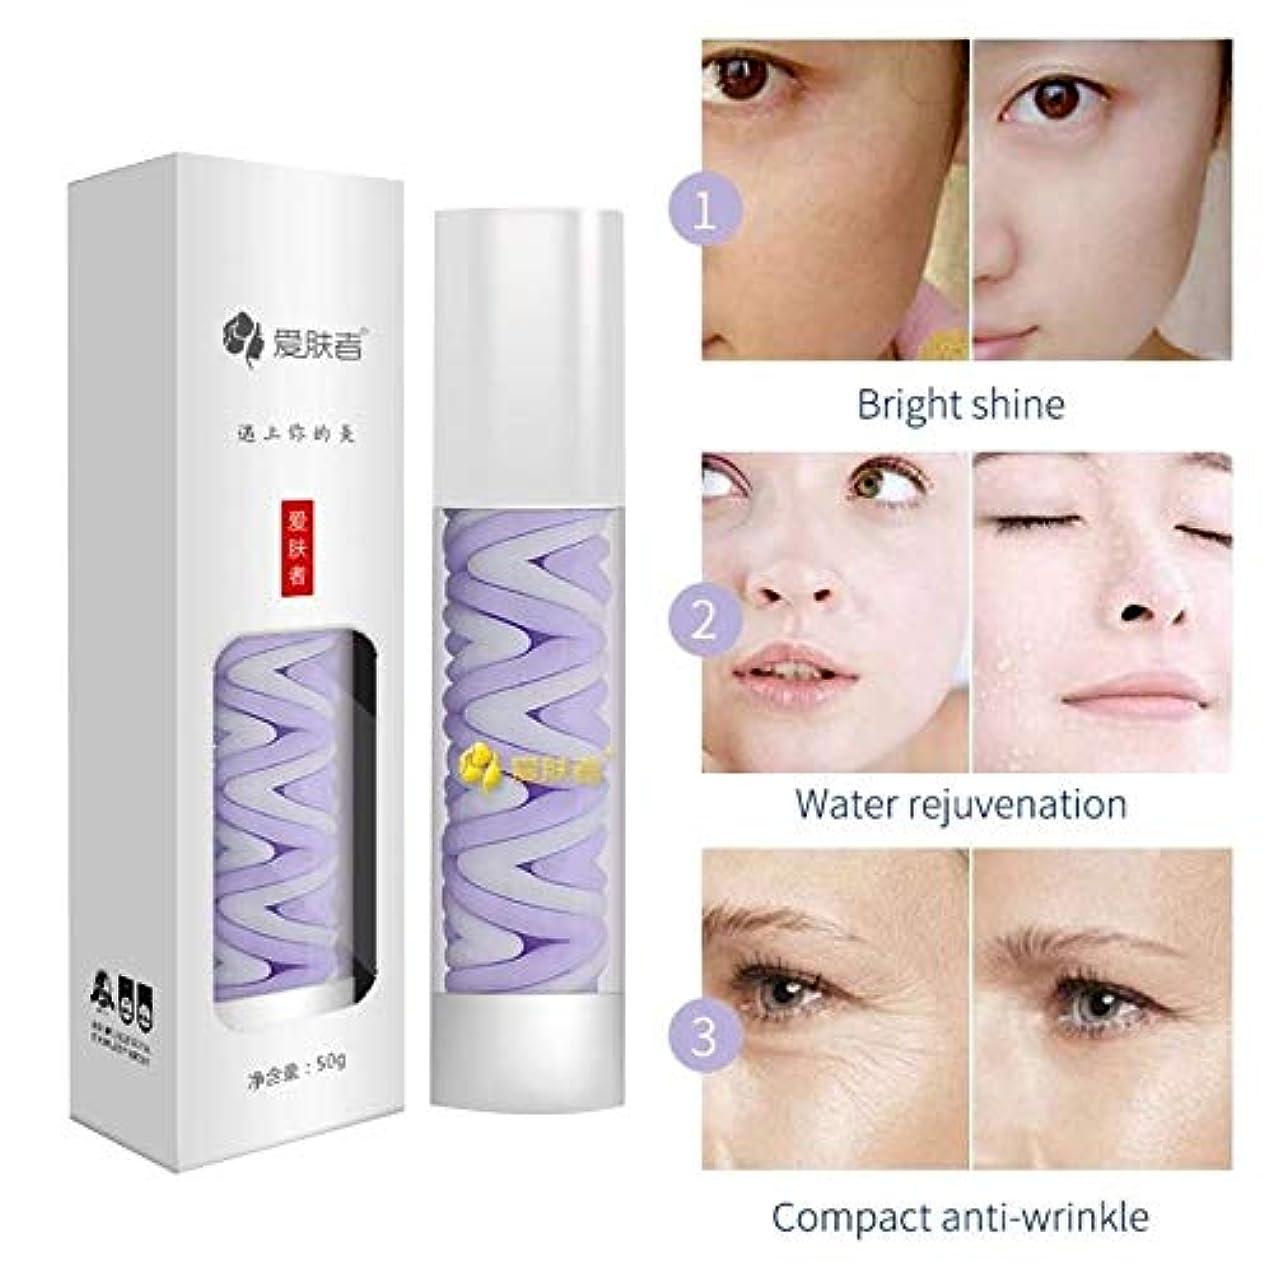 トランクエッセイ高いhialuronicoリフティングモイスチャライザー寧oをコラーゲンをエイジング保湿フェイスクリームhidratante顔のアンチリンクルケア